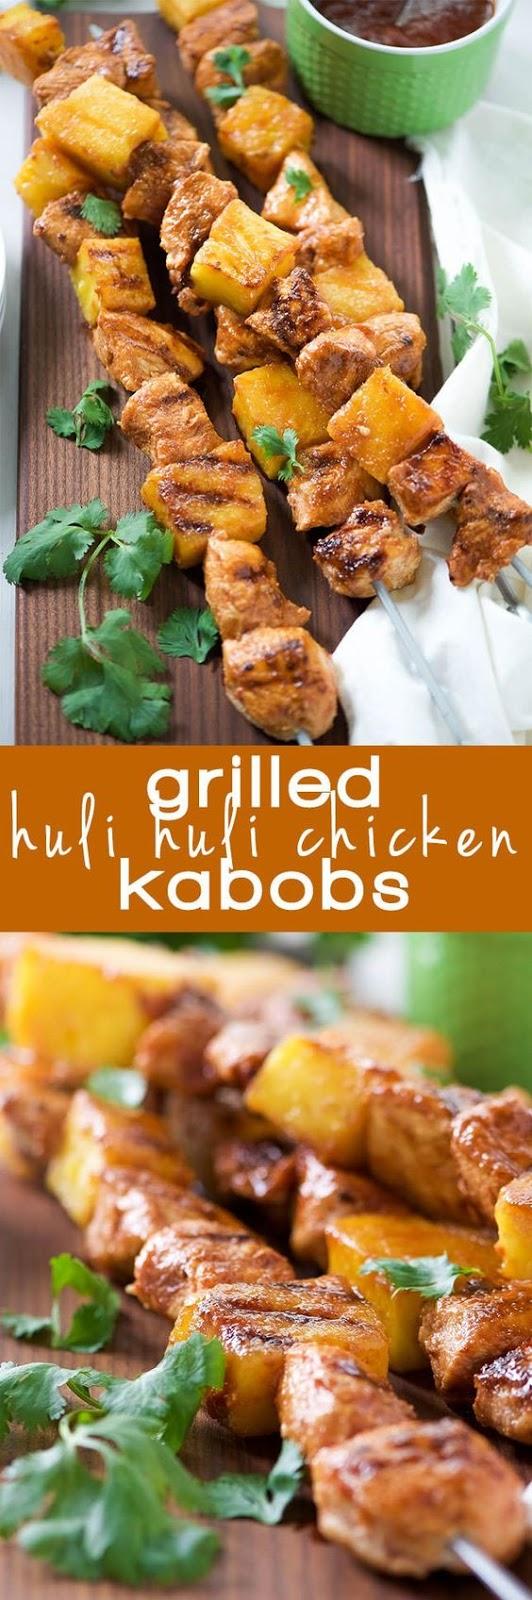 Grilled Huli Huli Chicken Kabobs